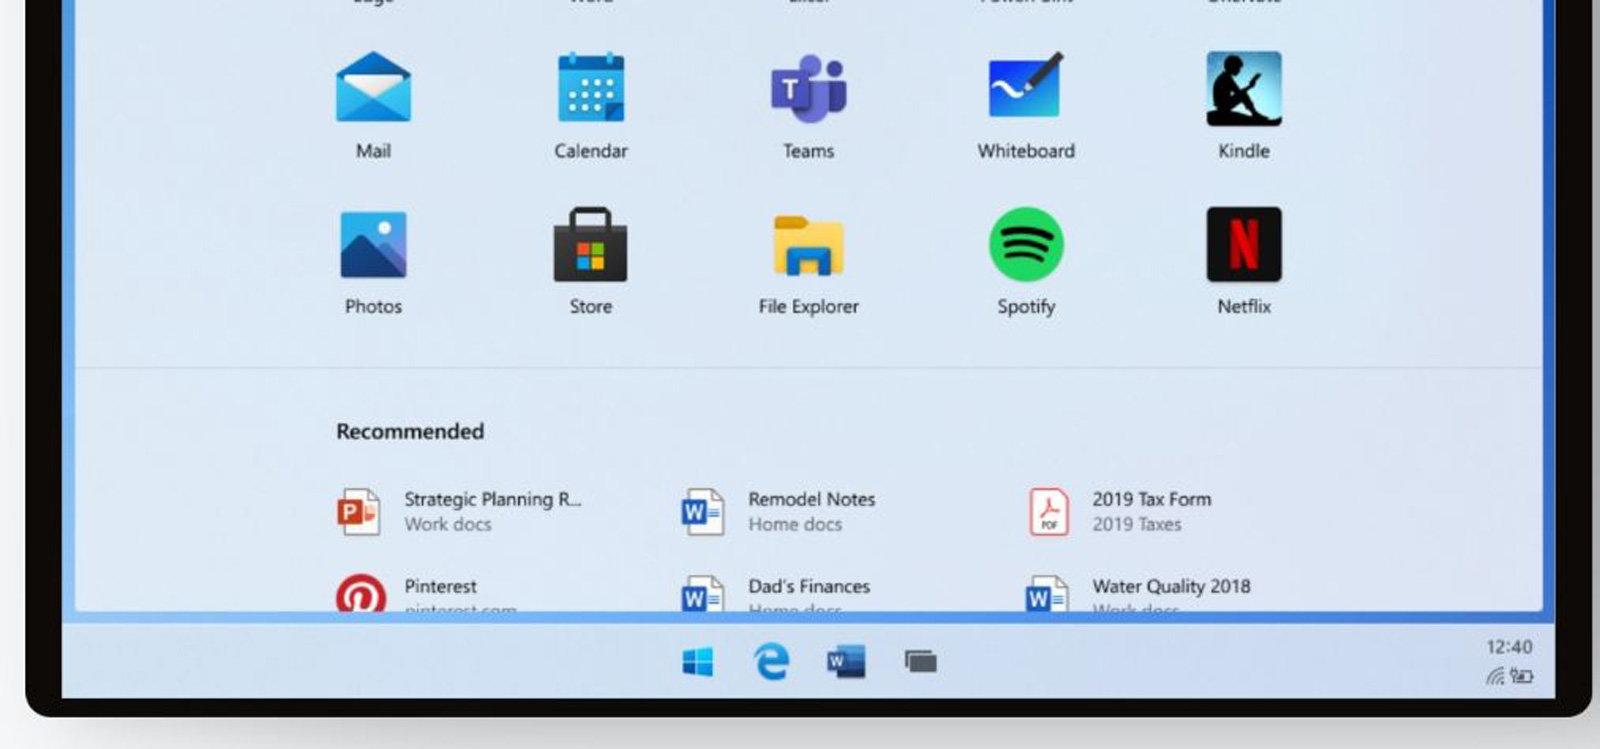 بخشی از طراحی رابط کاربری سیستم عامل ویندوز 10X لو رفت